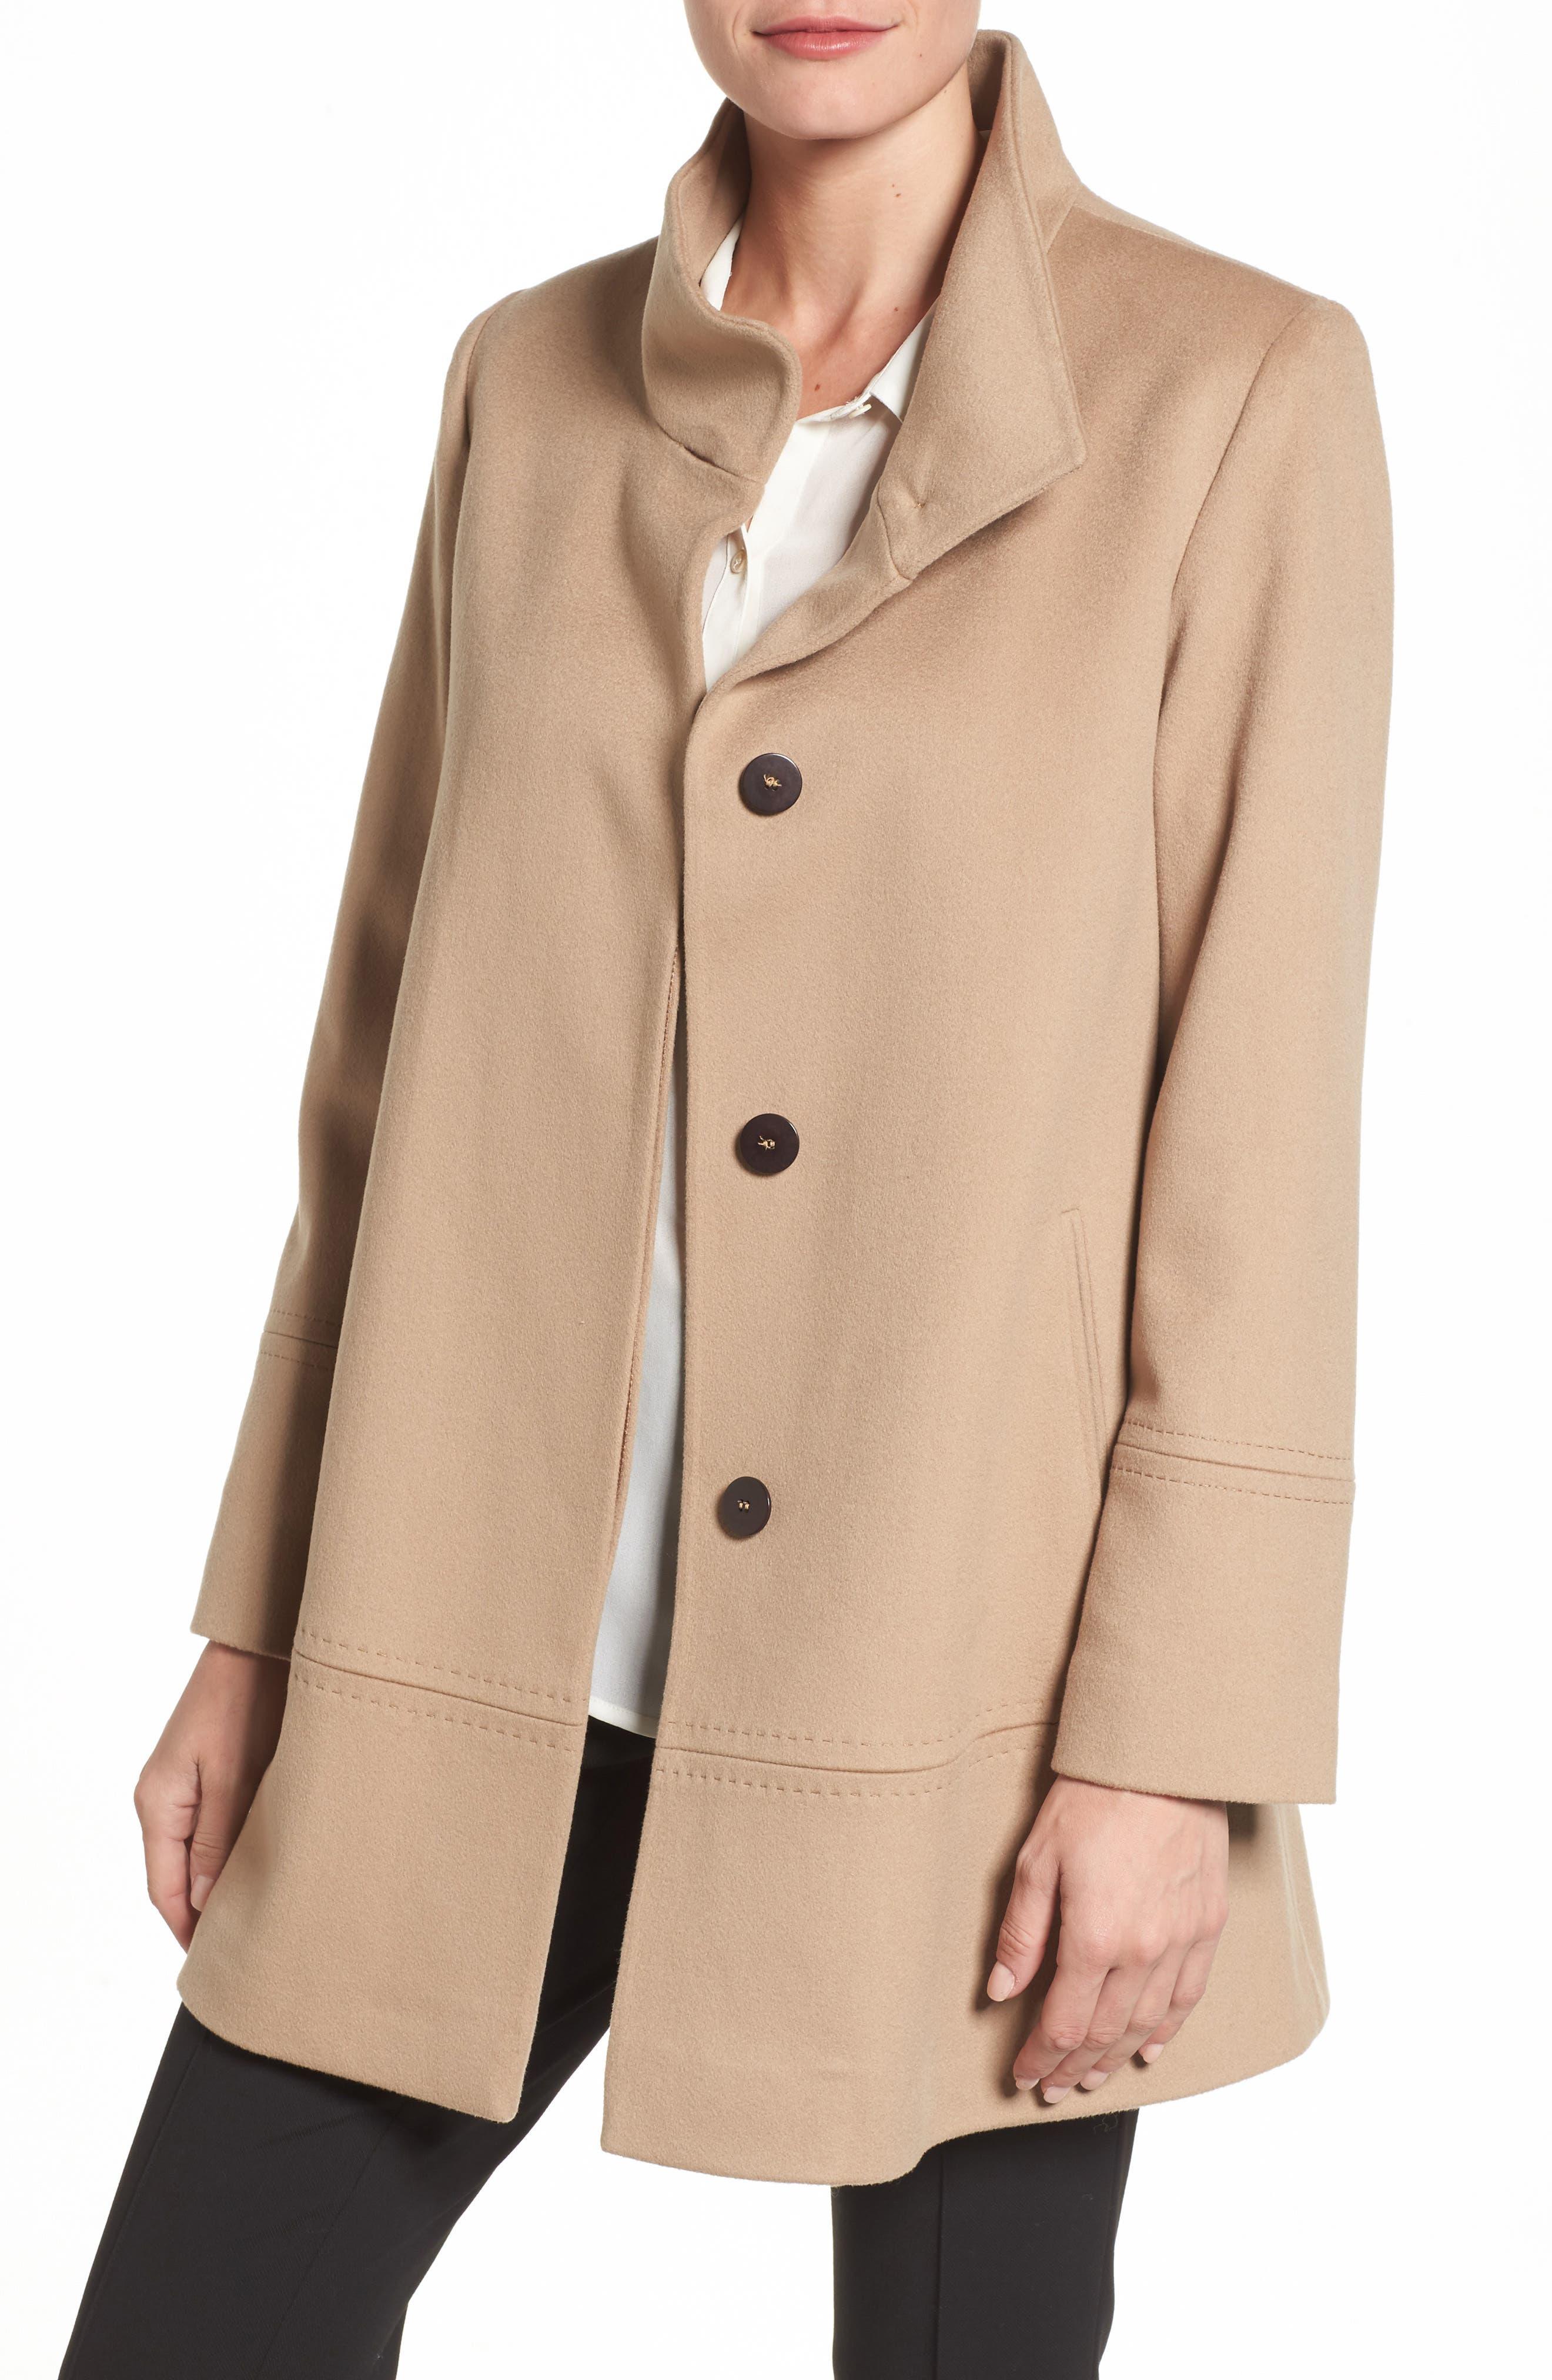 Main Image - Fleurette Loro Piana Wool Car Coat (Regular & Petite) (Nordstrom Exclusive)